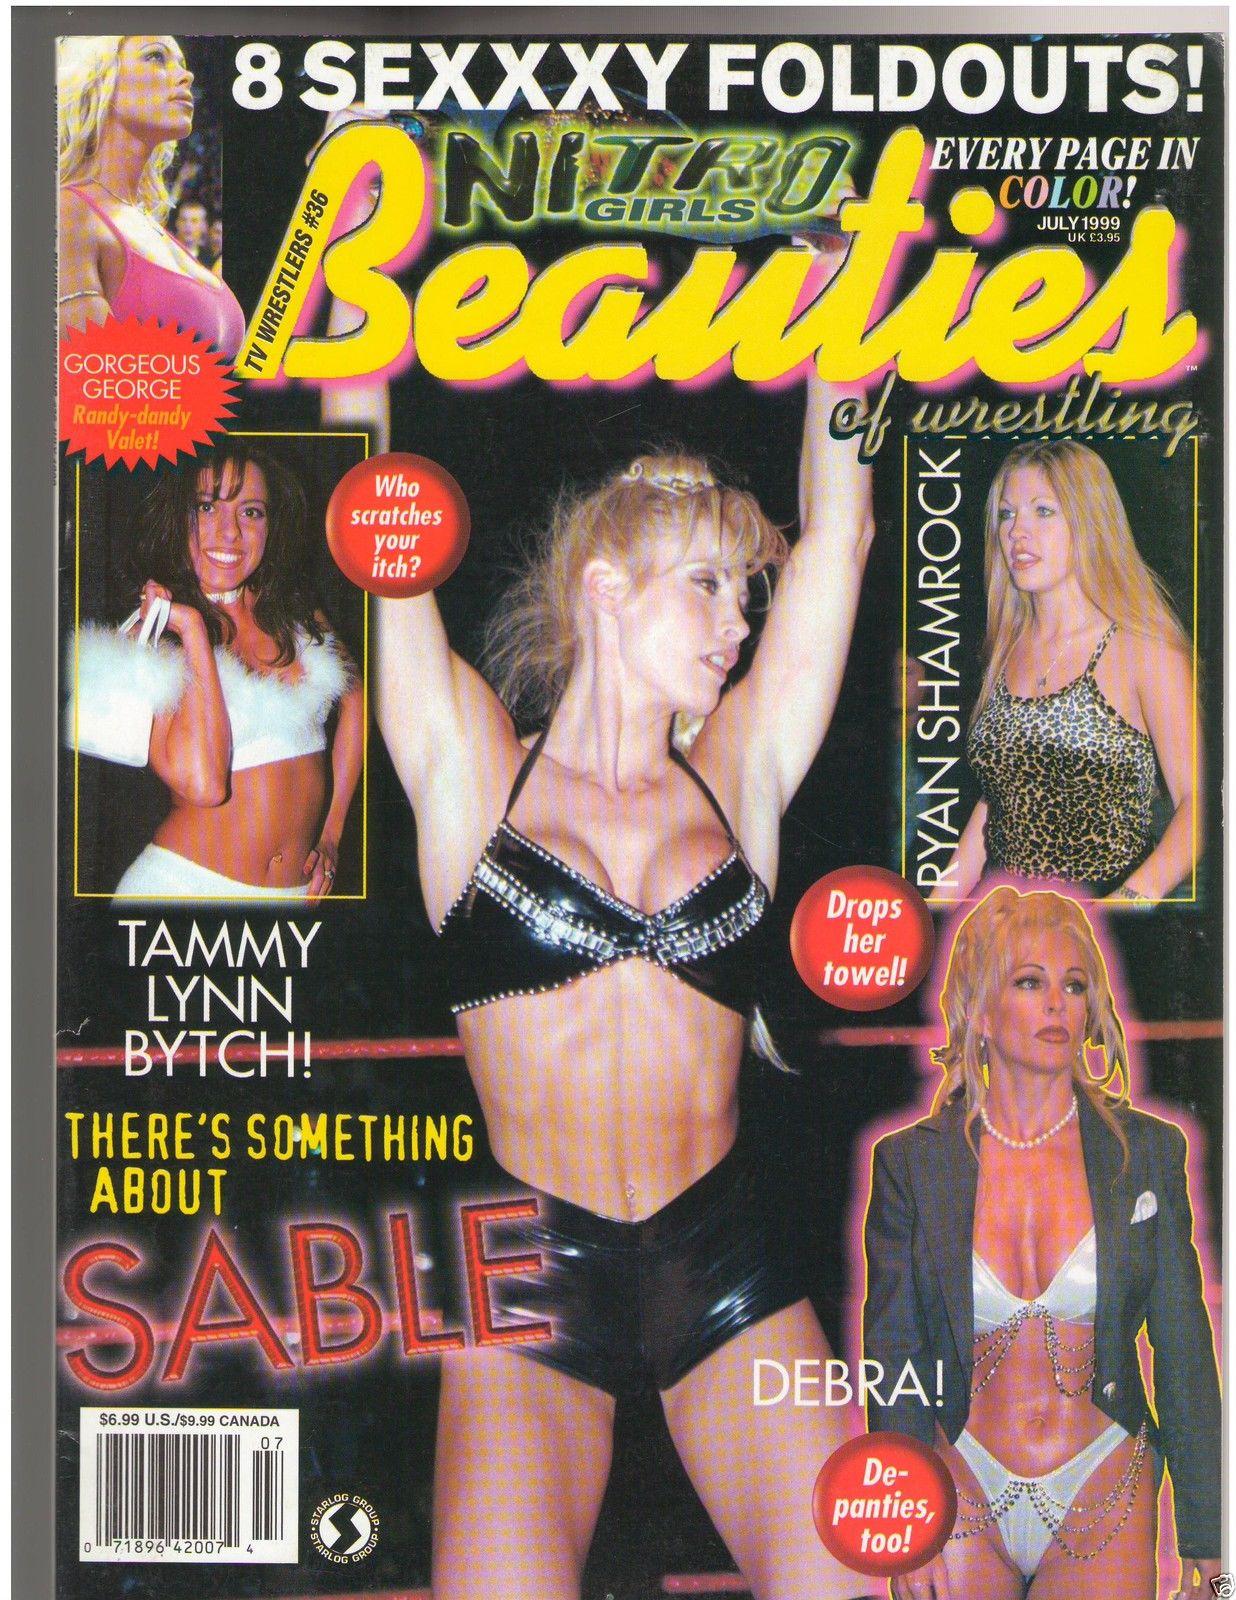 Beauties Of Wrestling  7-99